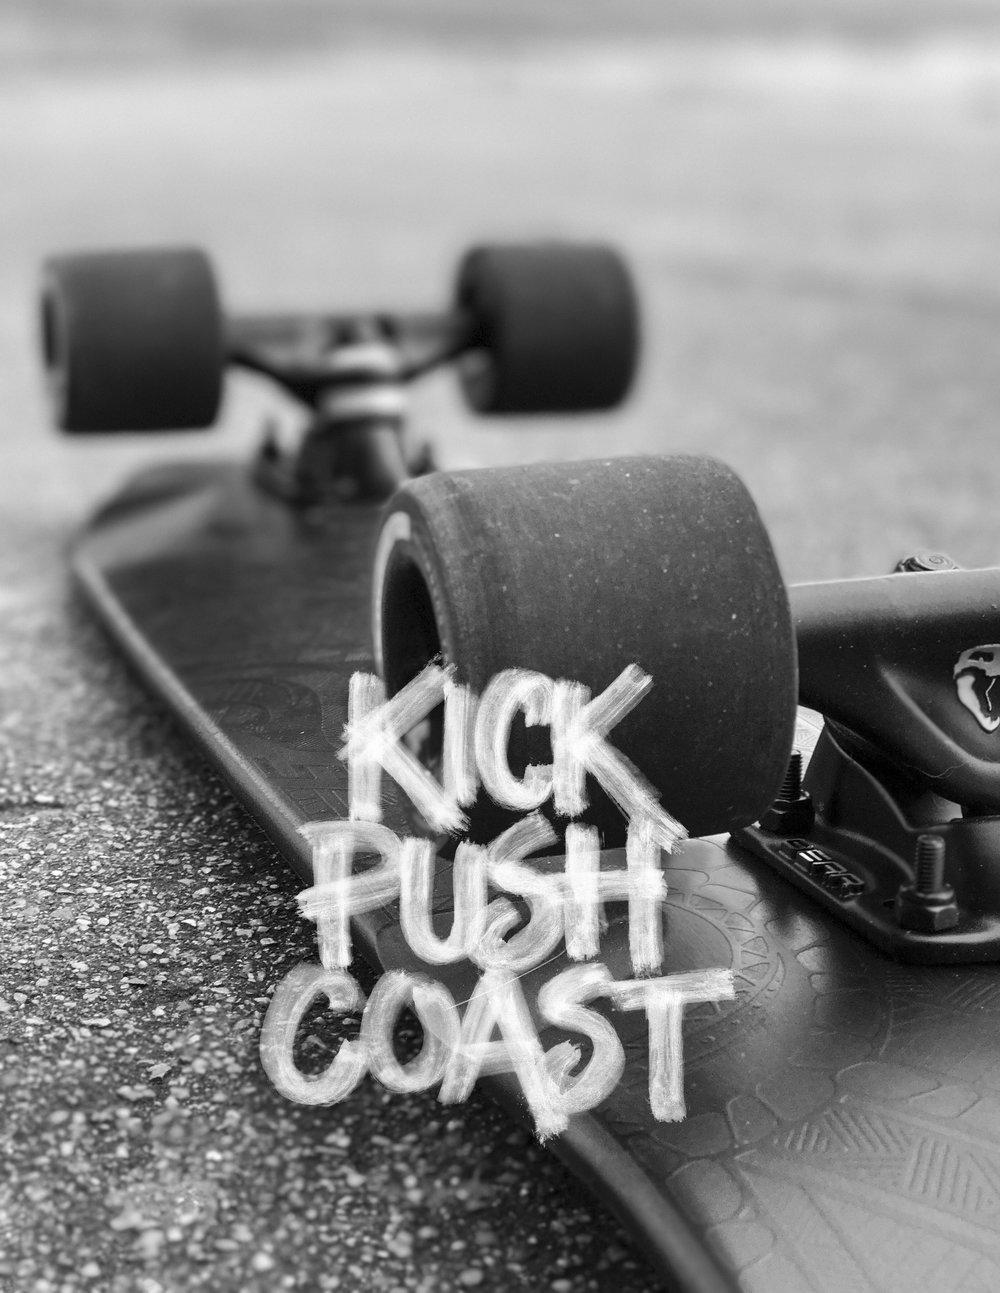 kickpush.jpg